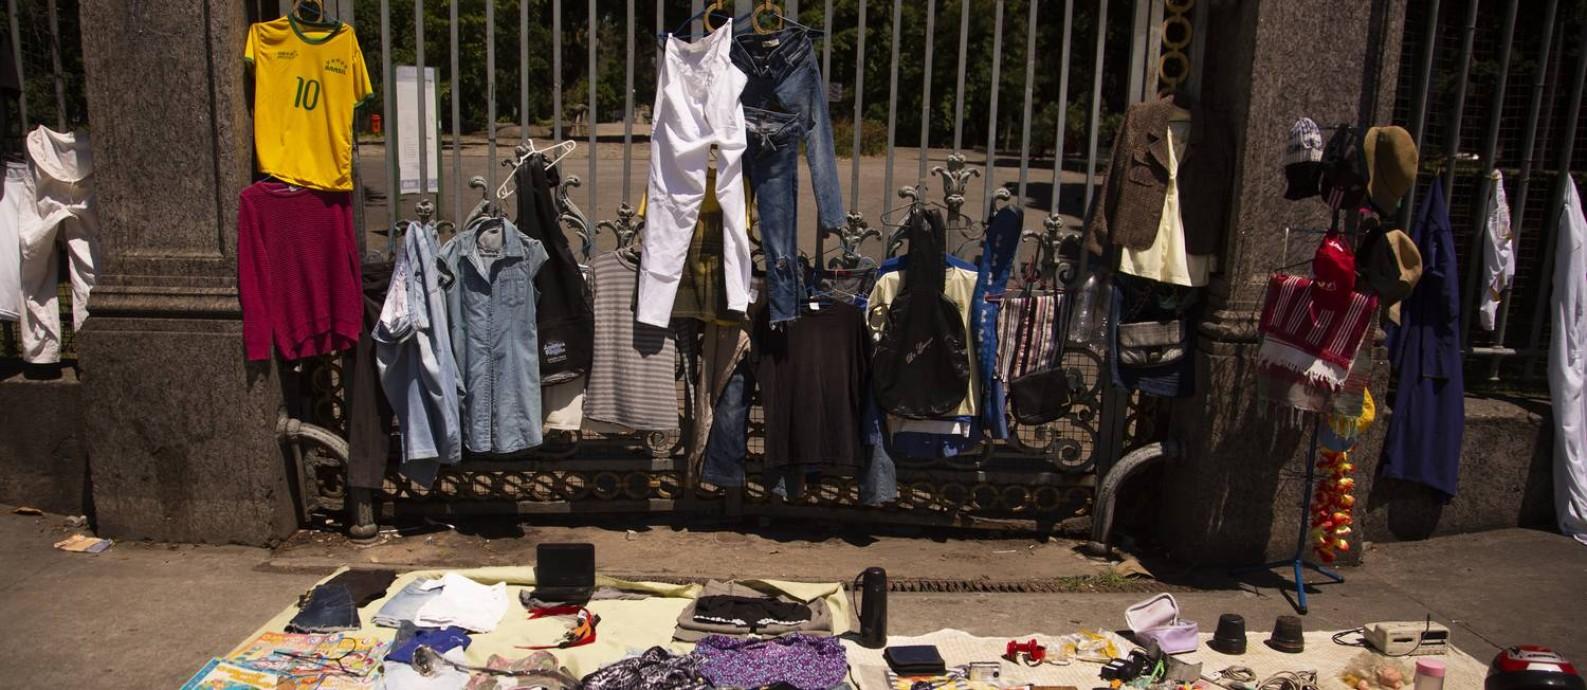 Roupas penduradas no gradil do Campo de Santana e outros itens à venda: carioca faz o que pode para minimizar os impactos do desemprego Foto: Gabriel Monteiro/Agência O Globo